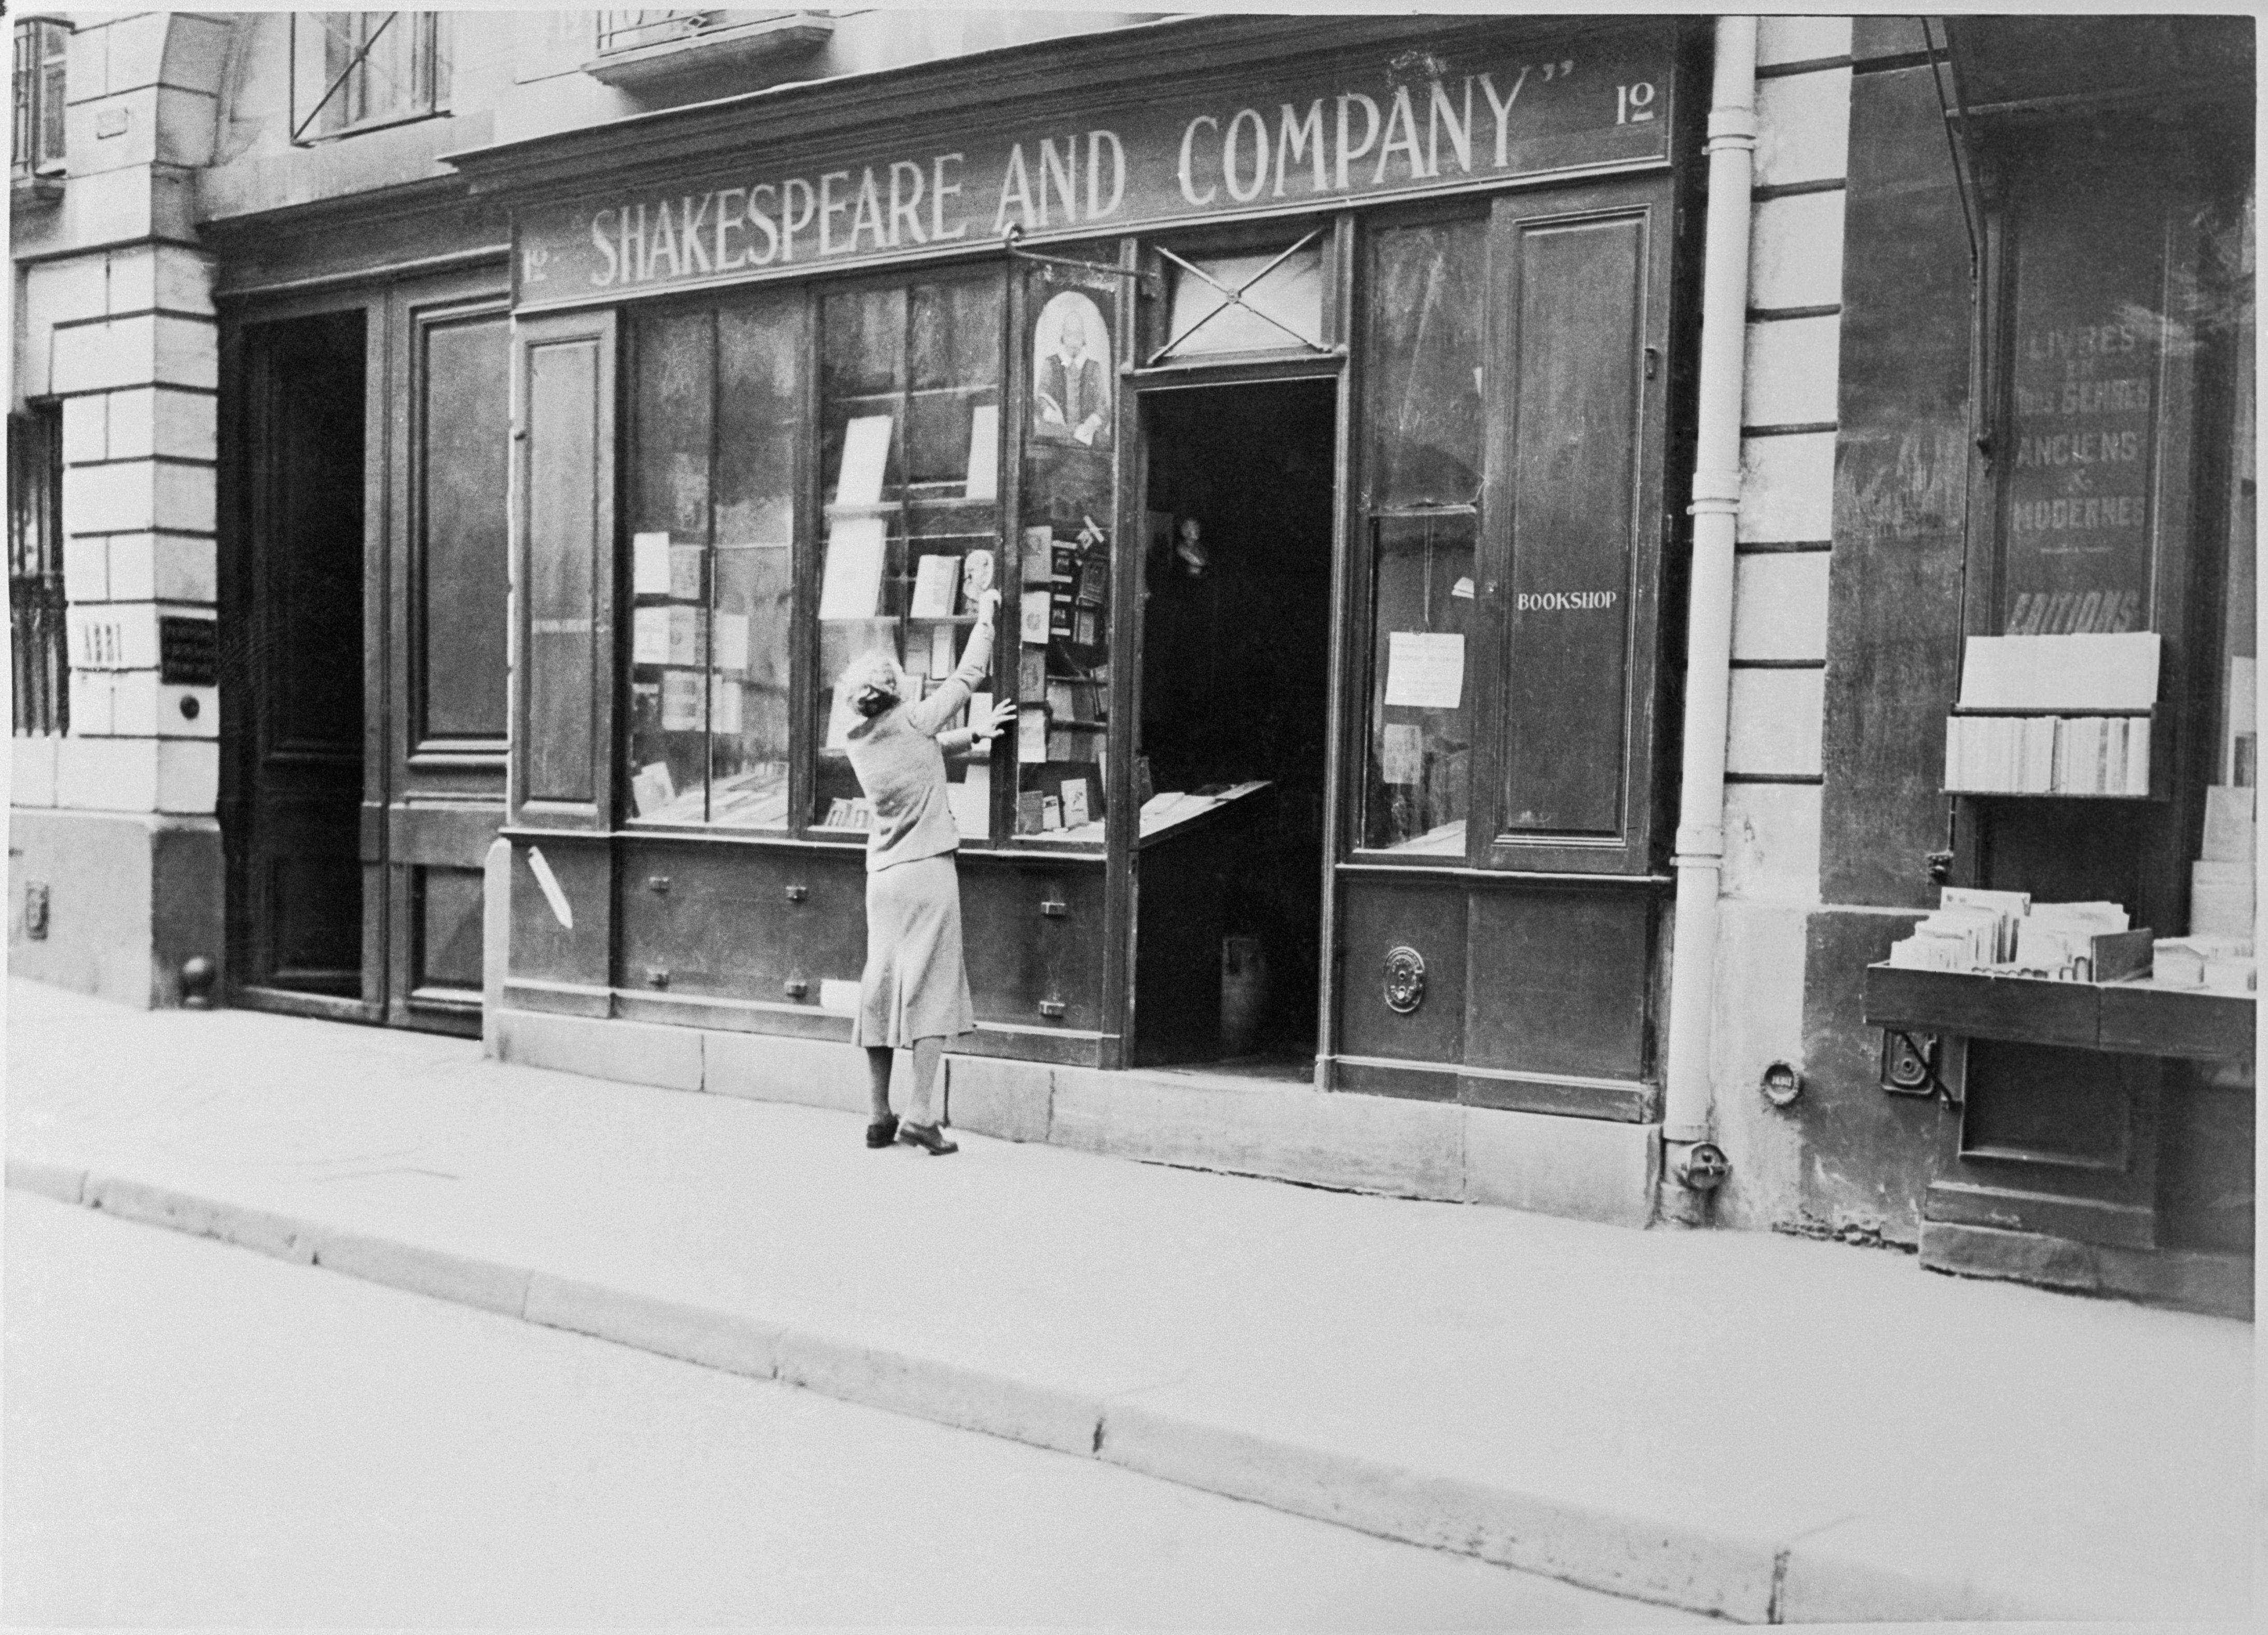 Sylvia Beach, a párizsi Shakespeare & Company könyvesbolt alapítója kirakatrendezés közben (fotó: Gettyimages)